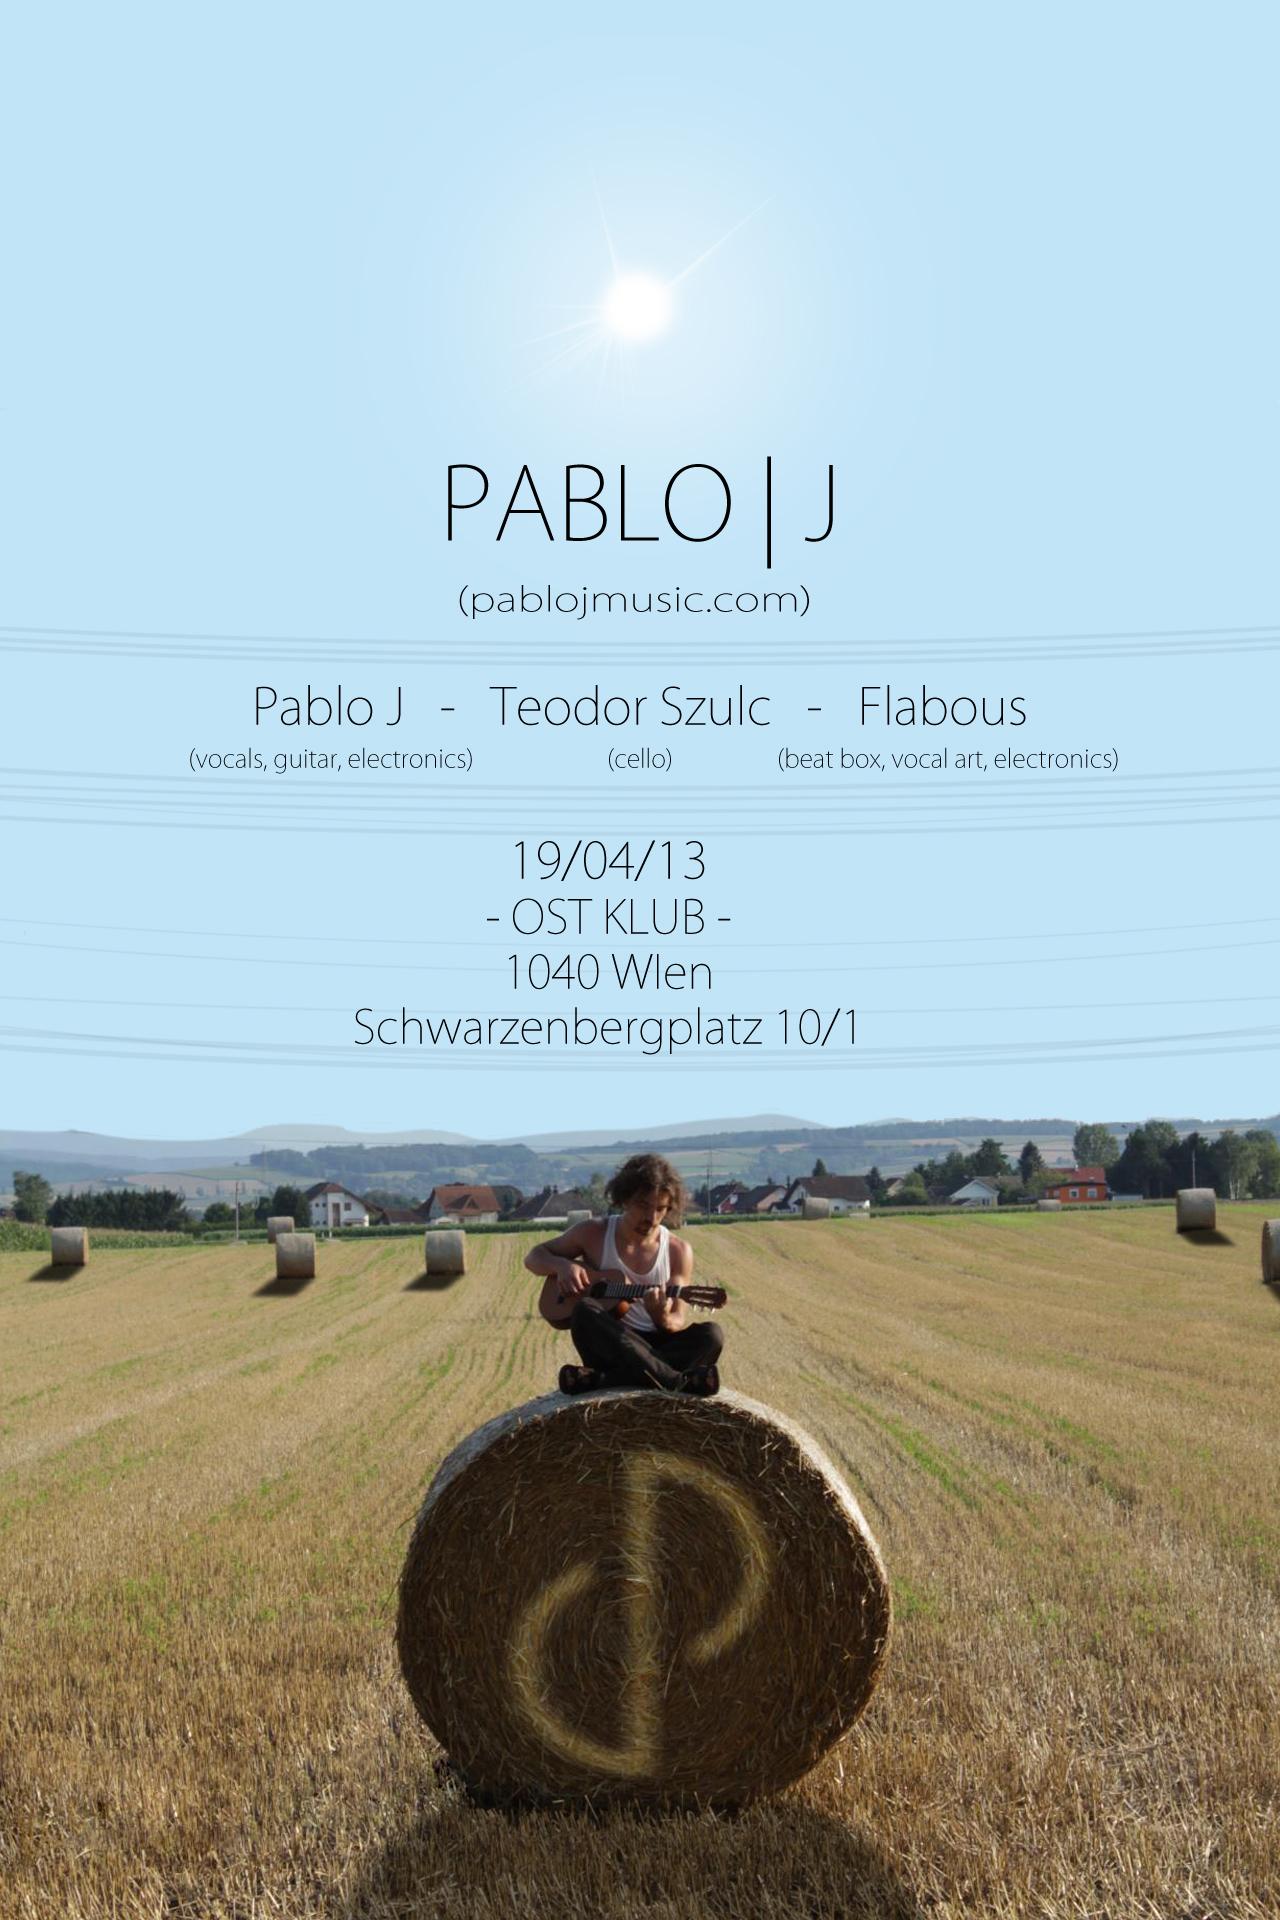 Pablo J @ OST KLUB 19/04/13